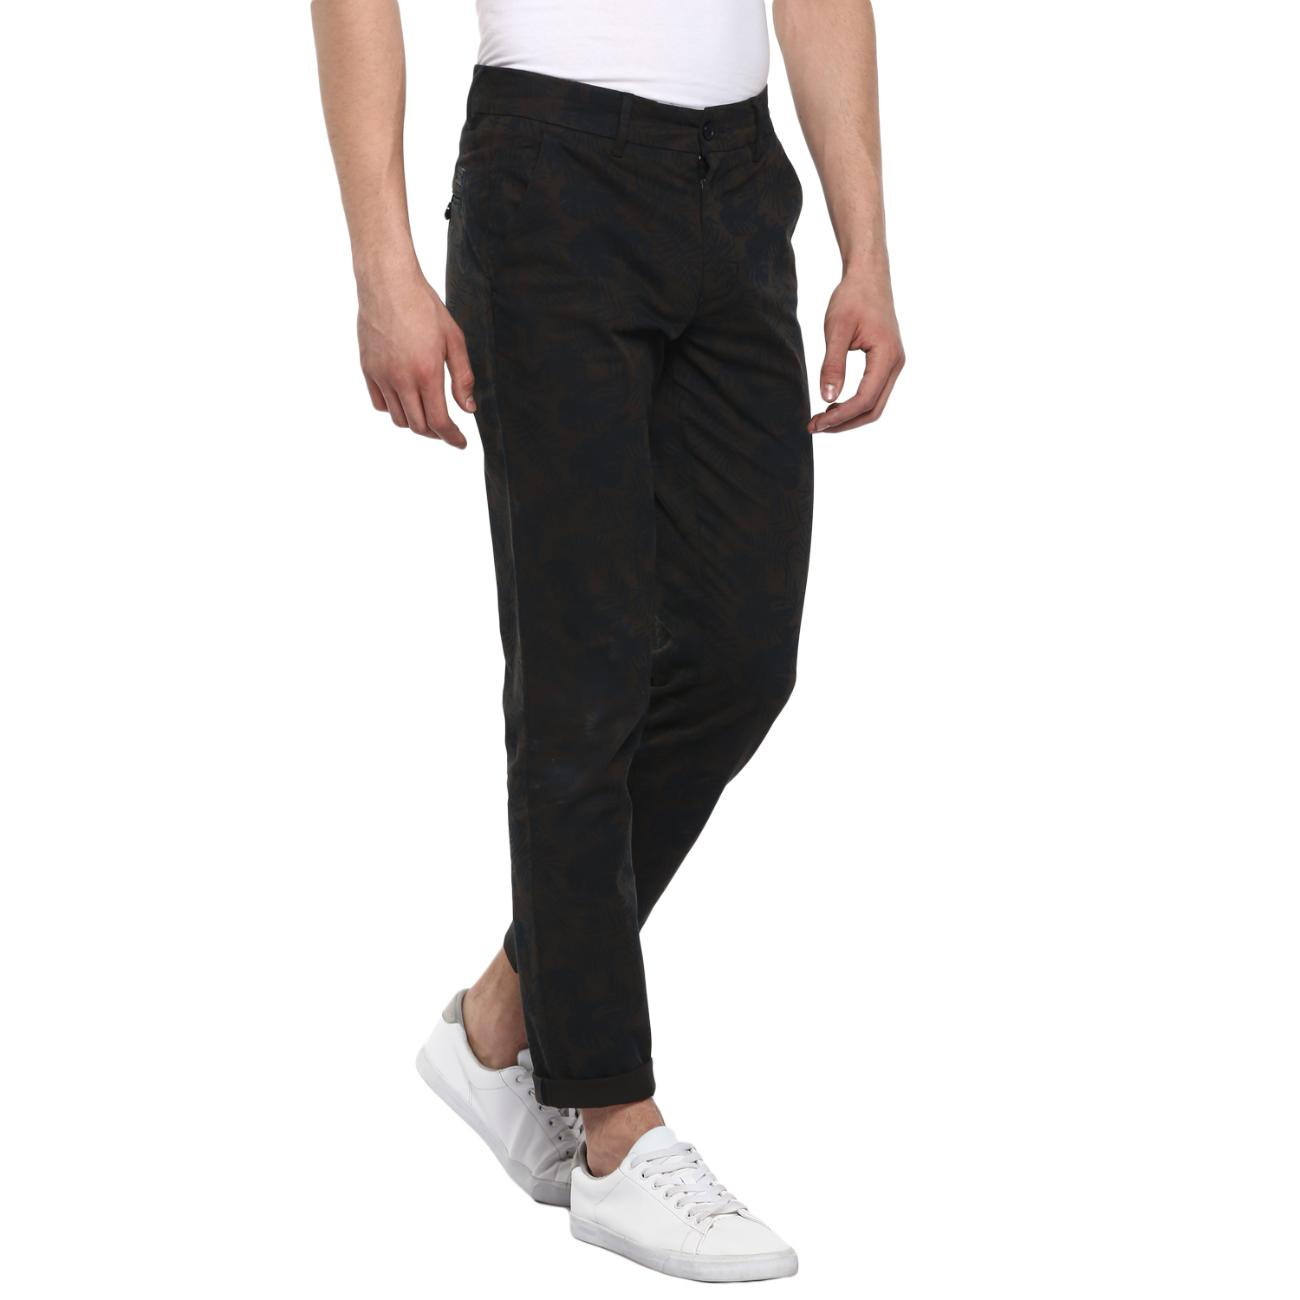 Buy Olive/Black Trouser for Men